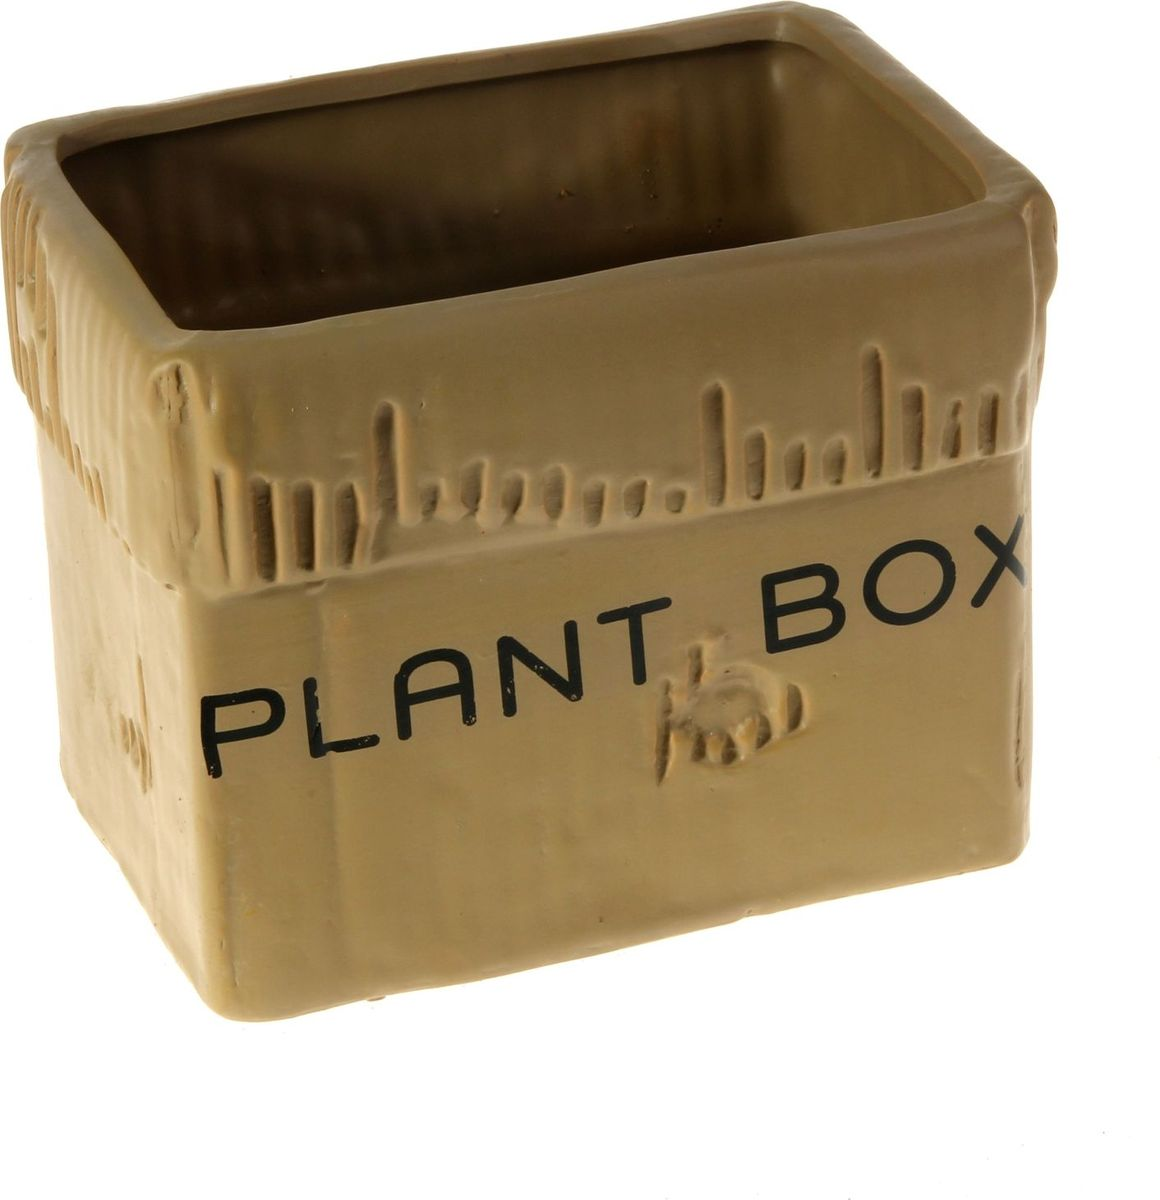 Кашпо Картонная коробка, цвет: коричневый, 13 х 17 х 13 см829931Комнатные растения — всеобщие любимцы. Они радуют глаз, насыщают помещение кислородом и украшают пространство. Каждому из них необходим свой удобный и красивый дом. Кашпо из керамики прекрасно подходят для высадки растений: за счёт пластичности глины и разных способов обработки существует великое множество форм и дизайновпористый материал позволяет испаряться лишней влагевоздух, необходимый для дыхания корней, проникает сквозь керамические стенки! #name# позаботится о зелёном питомце, освежит интерьер и подчеркнёт его стиль.